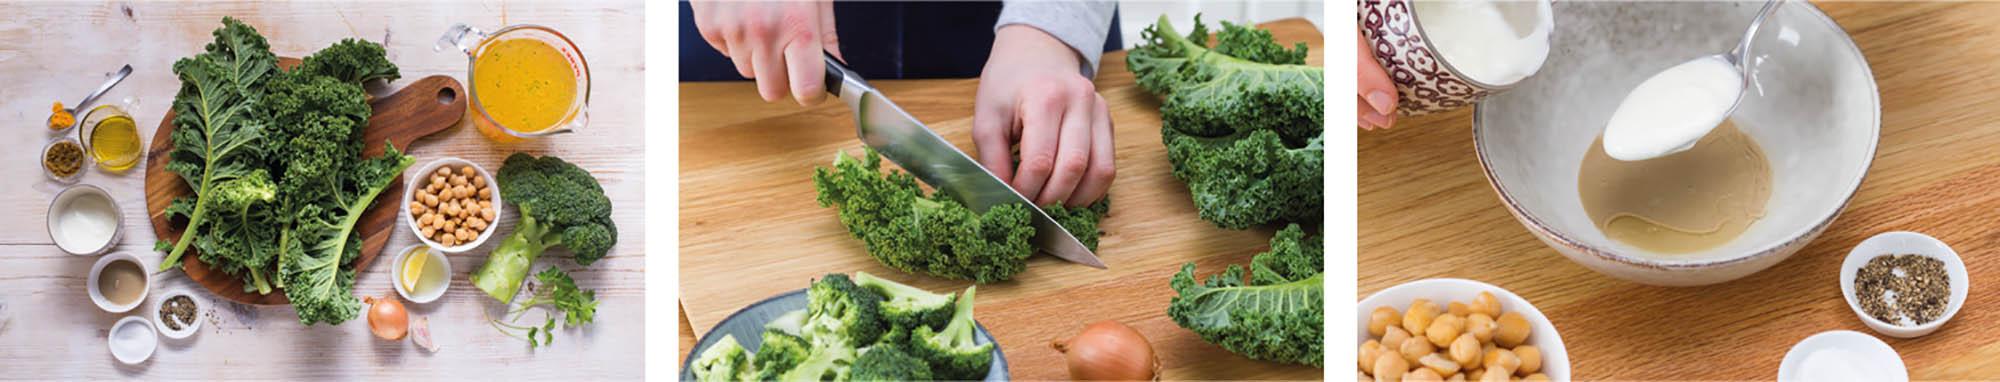 Zubereitung der Brokkoli-Grünkohl-Suppe mit Tahin-Kichererbsen